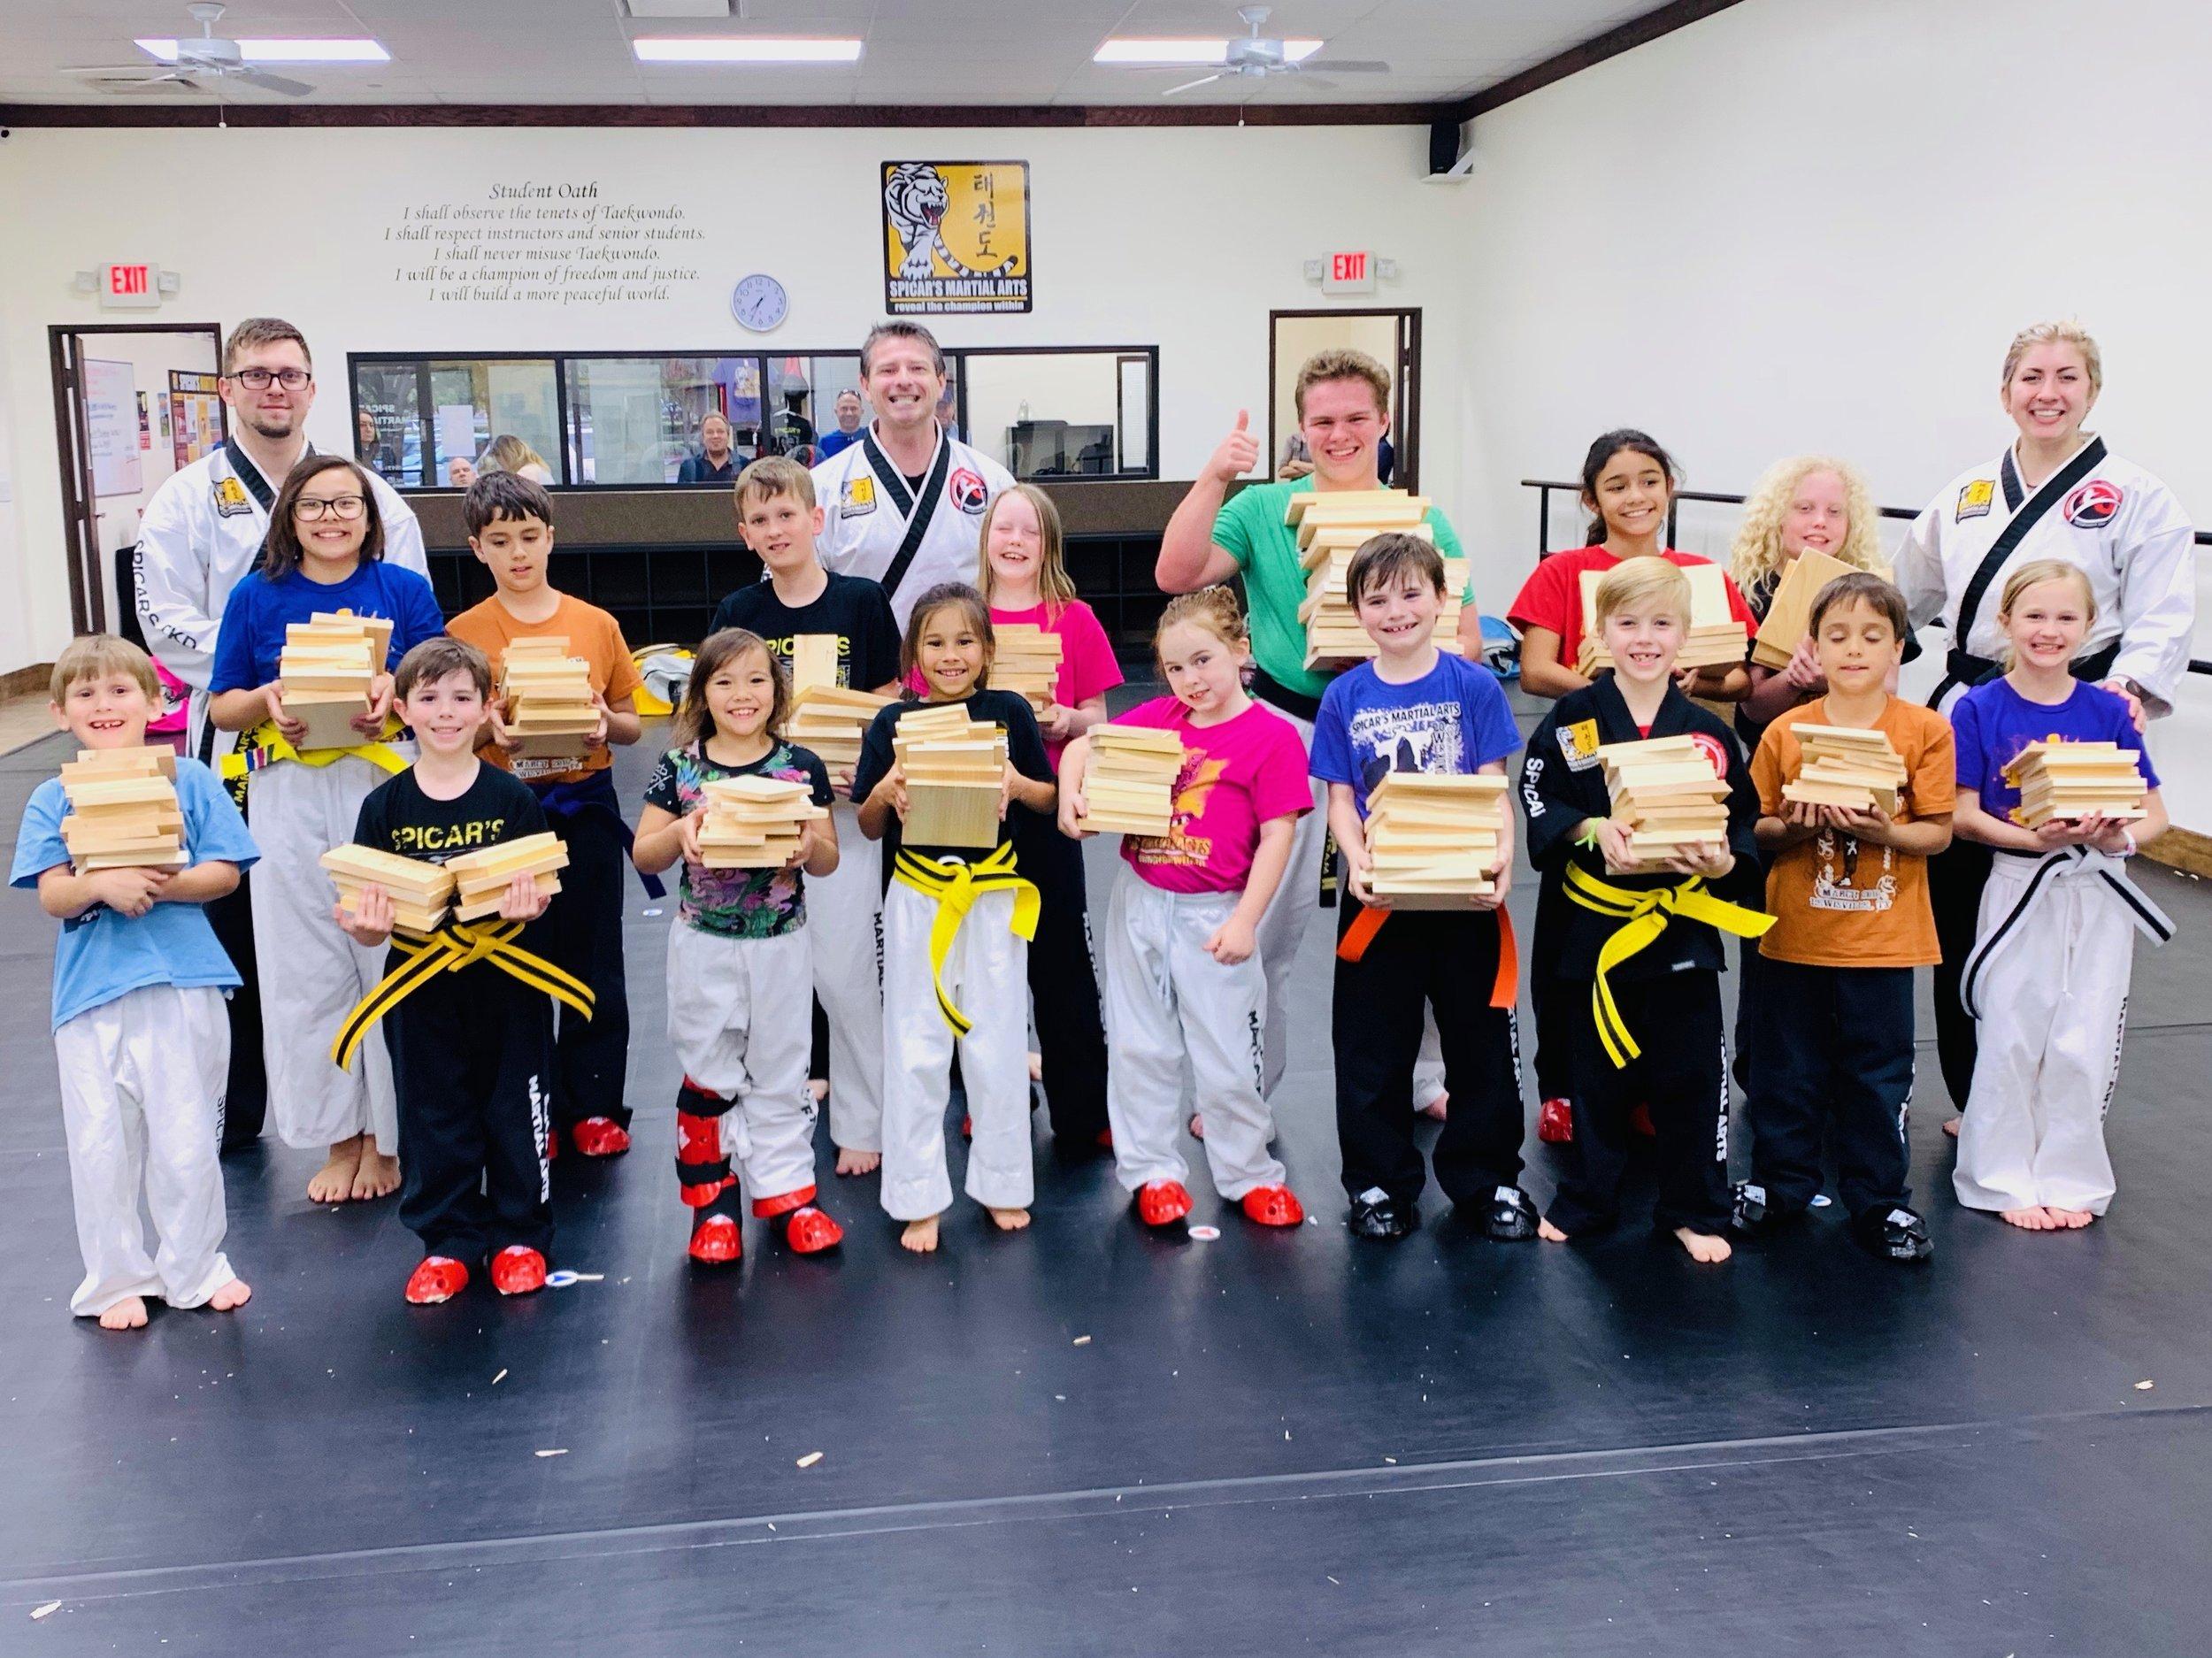 karate-kids-southlake-texas.jpeg